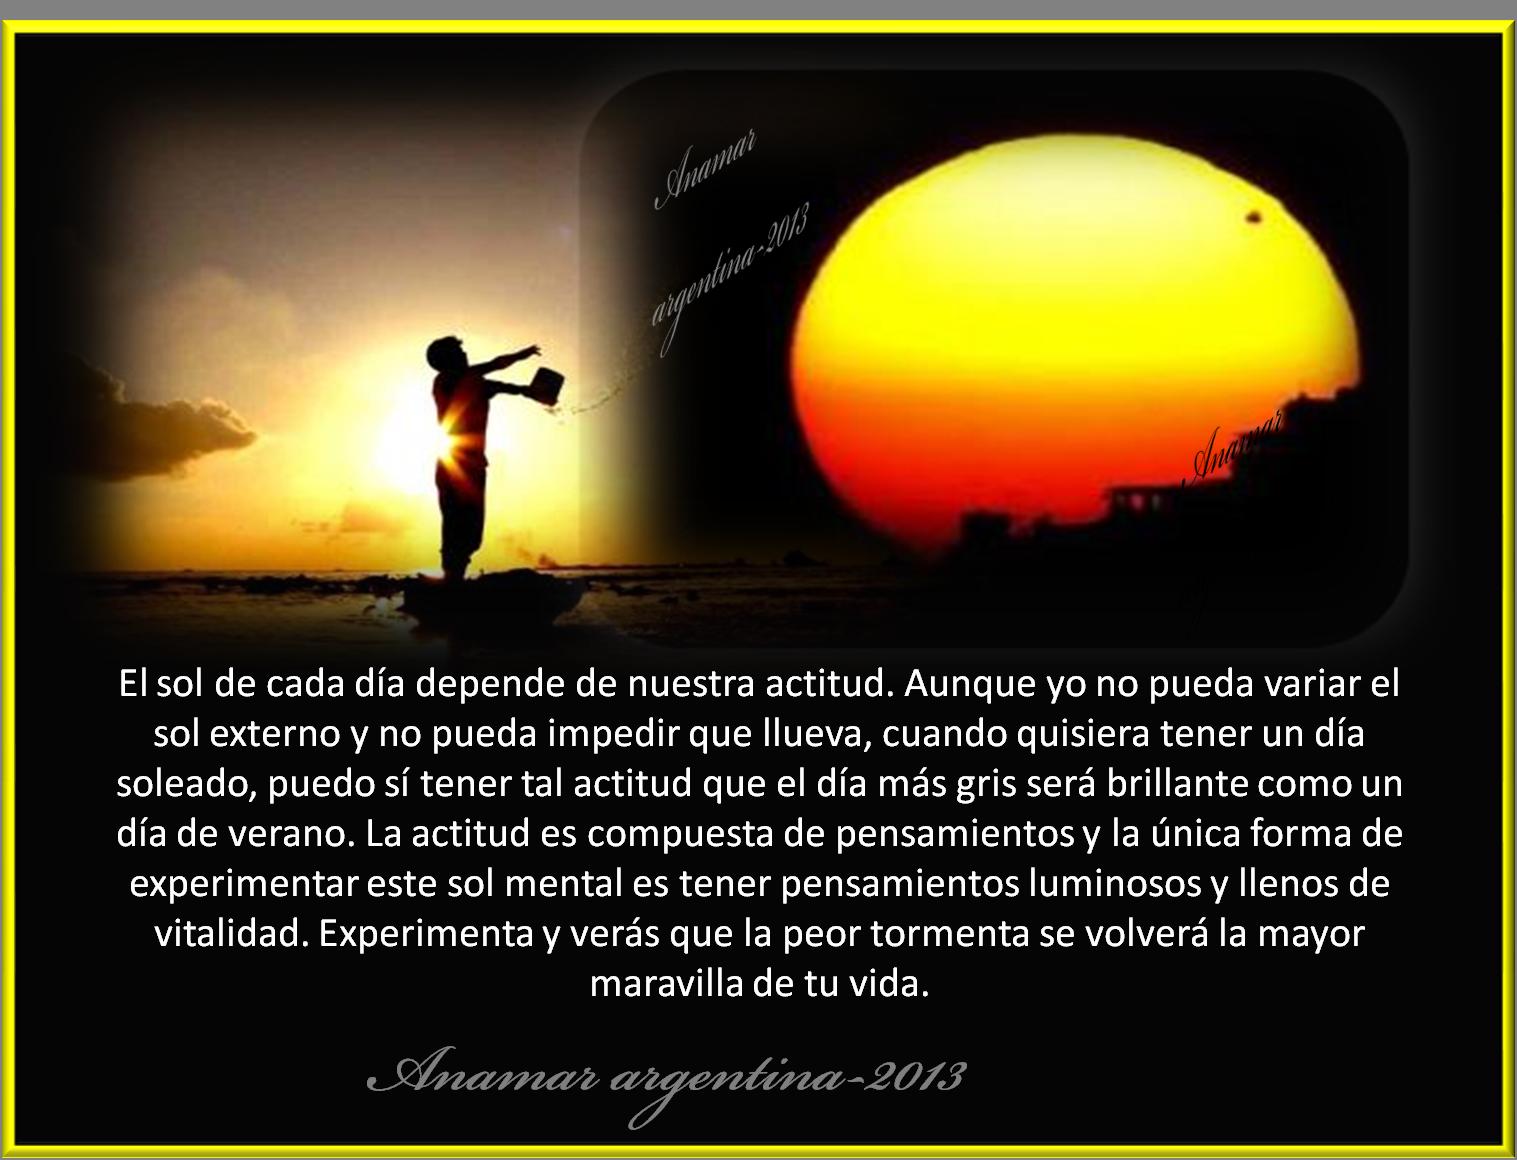 Imagenes con frases motivadoras -anamar argentina 2013